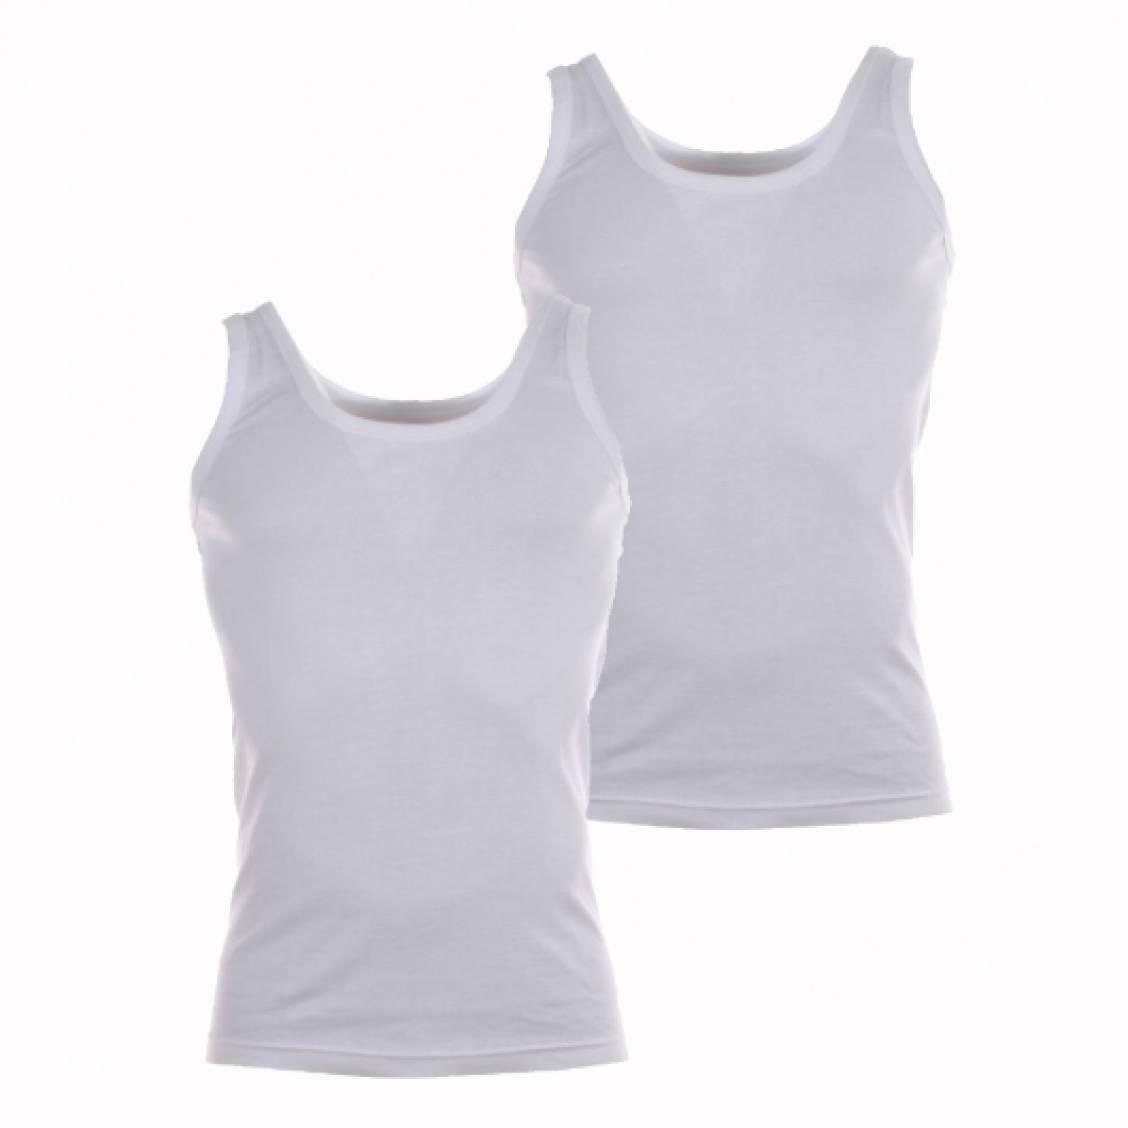 Lot de 2 Débardeurs blancs coton bio. Lot de 2 débardeurs en coton bio blancLa marque Athena vous offre un classique pour homme :